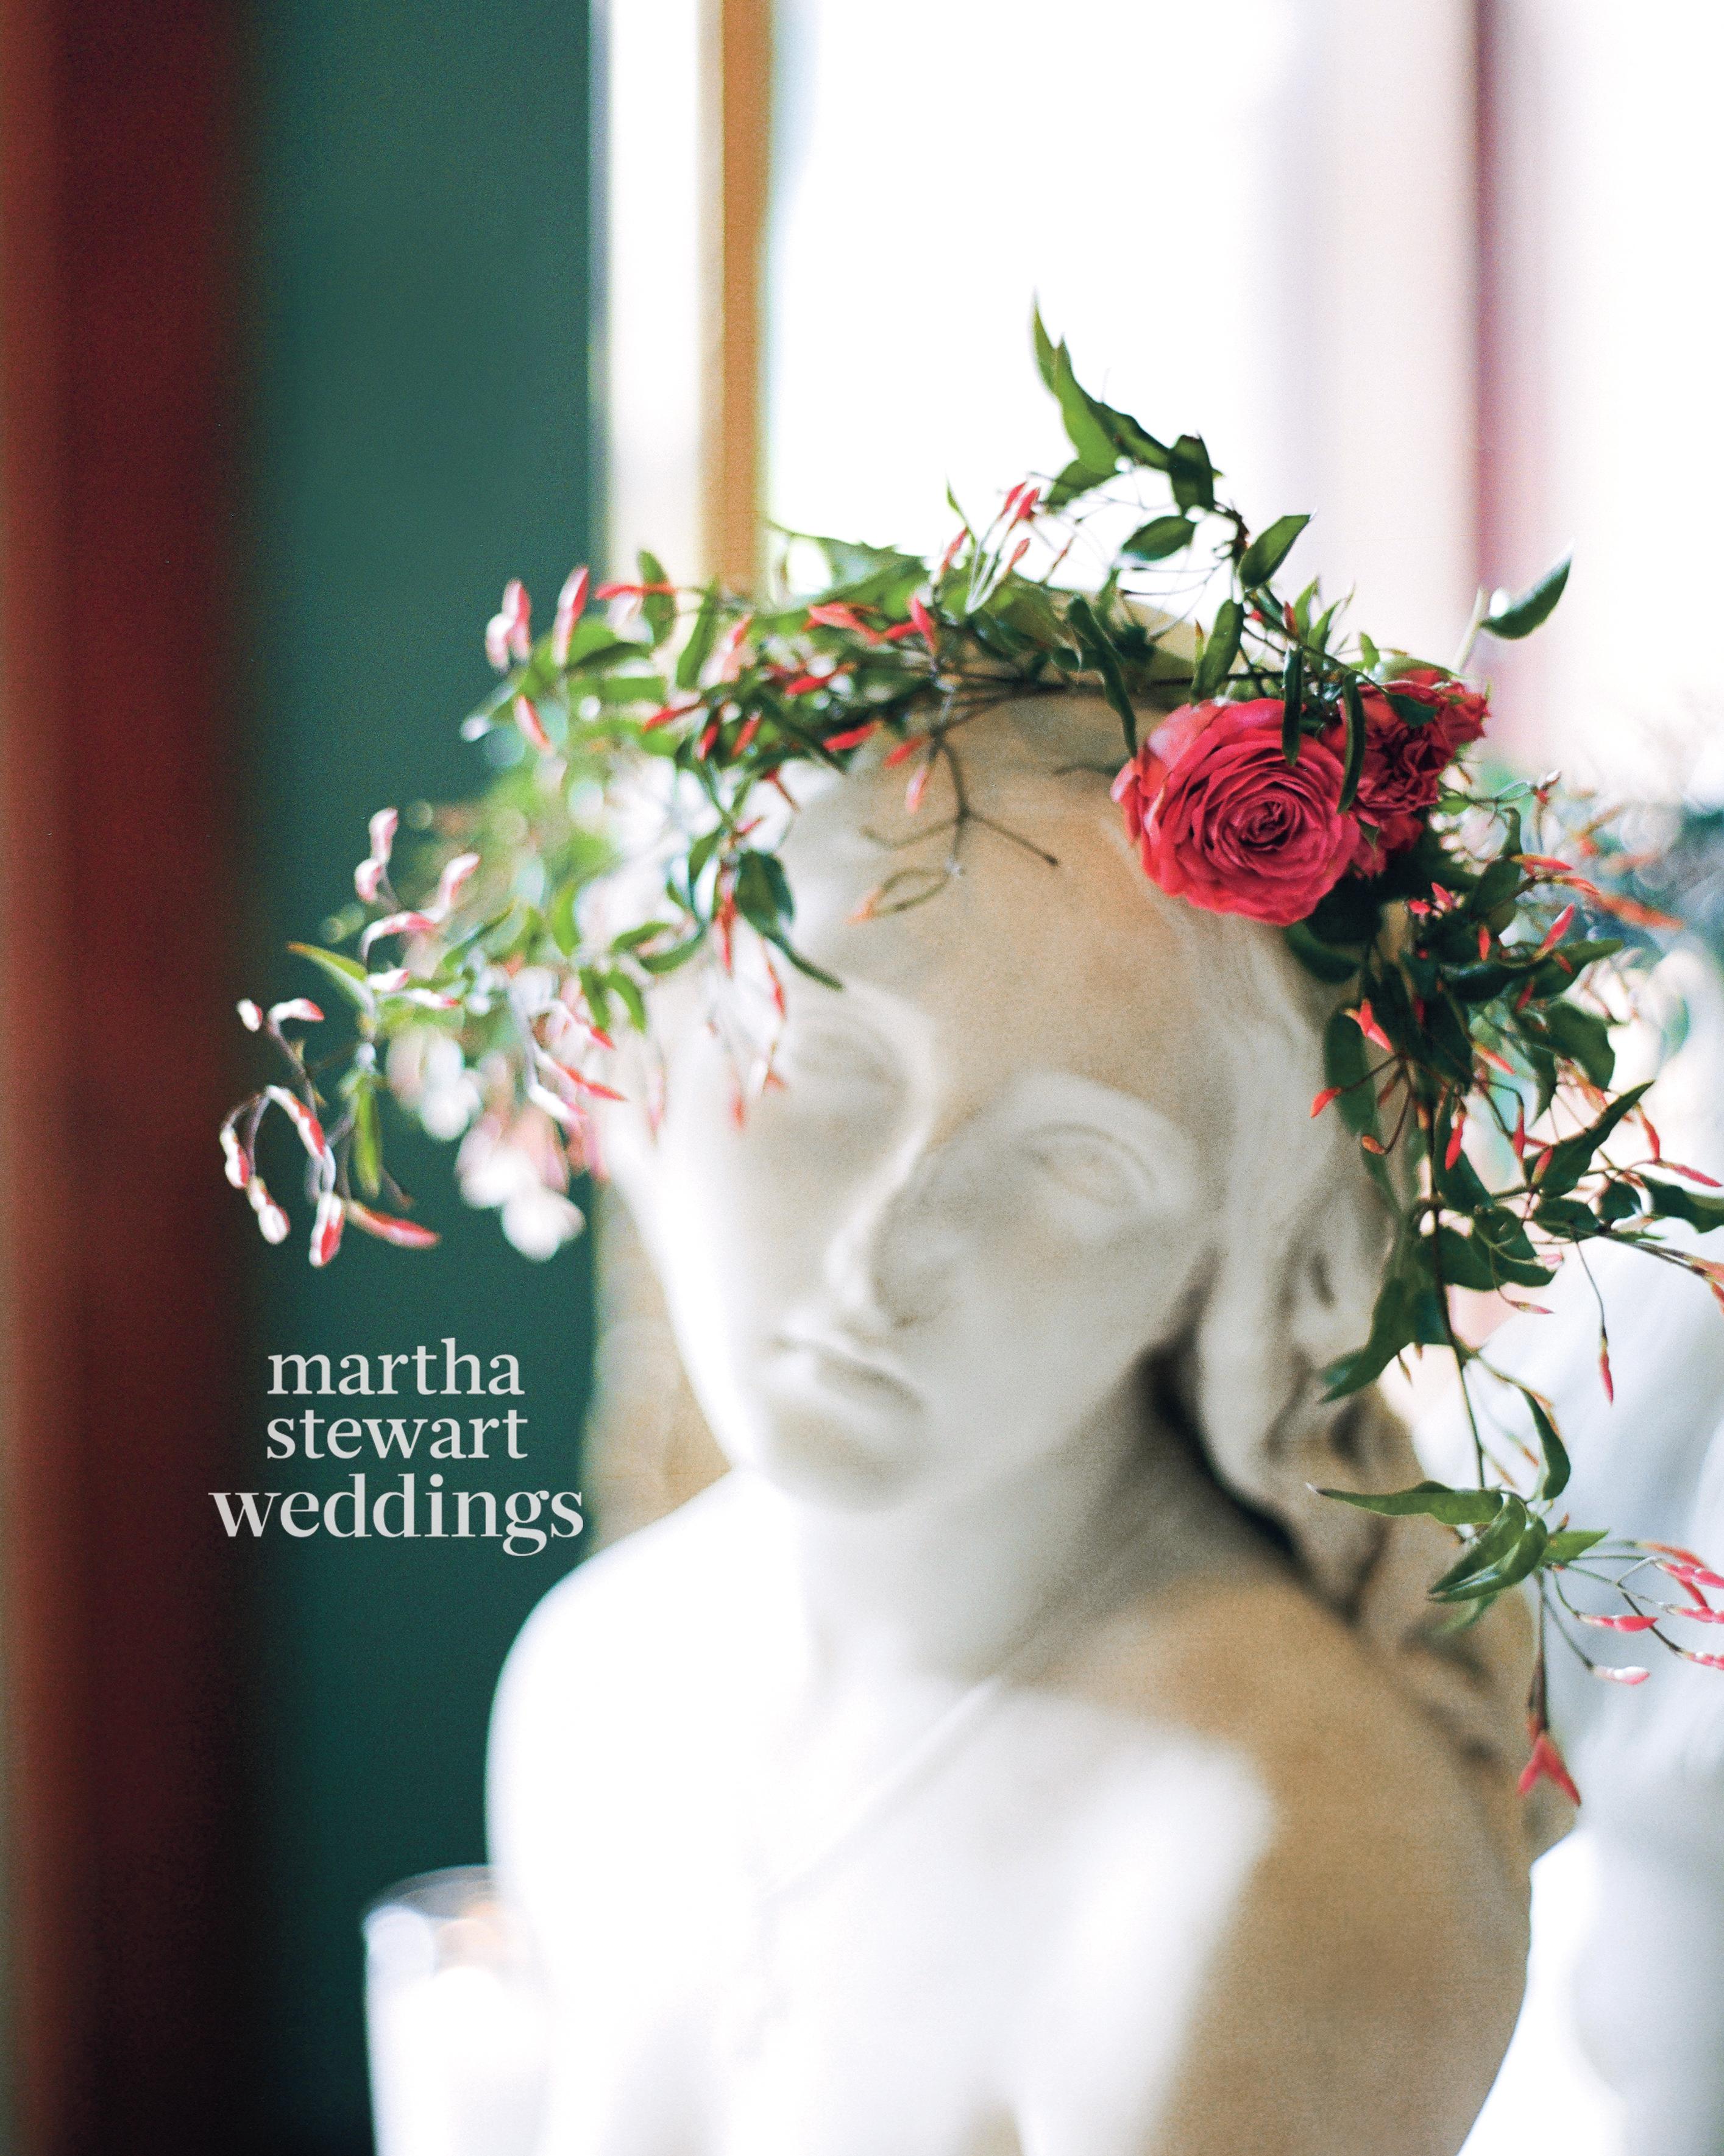 msophia-joel-wedding-los-angeles-052-d112240-watermarked-0915.jpg